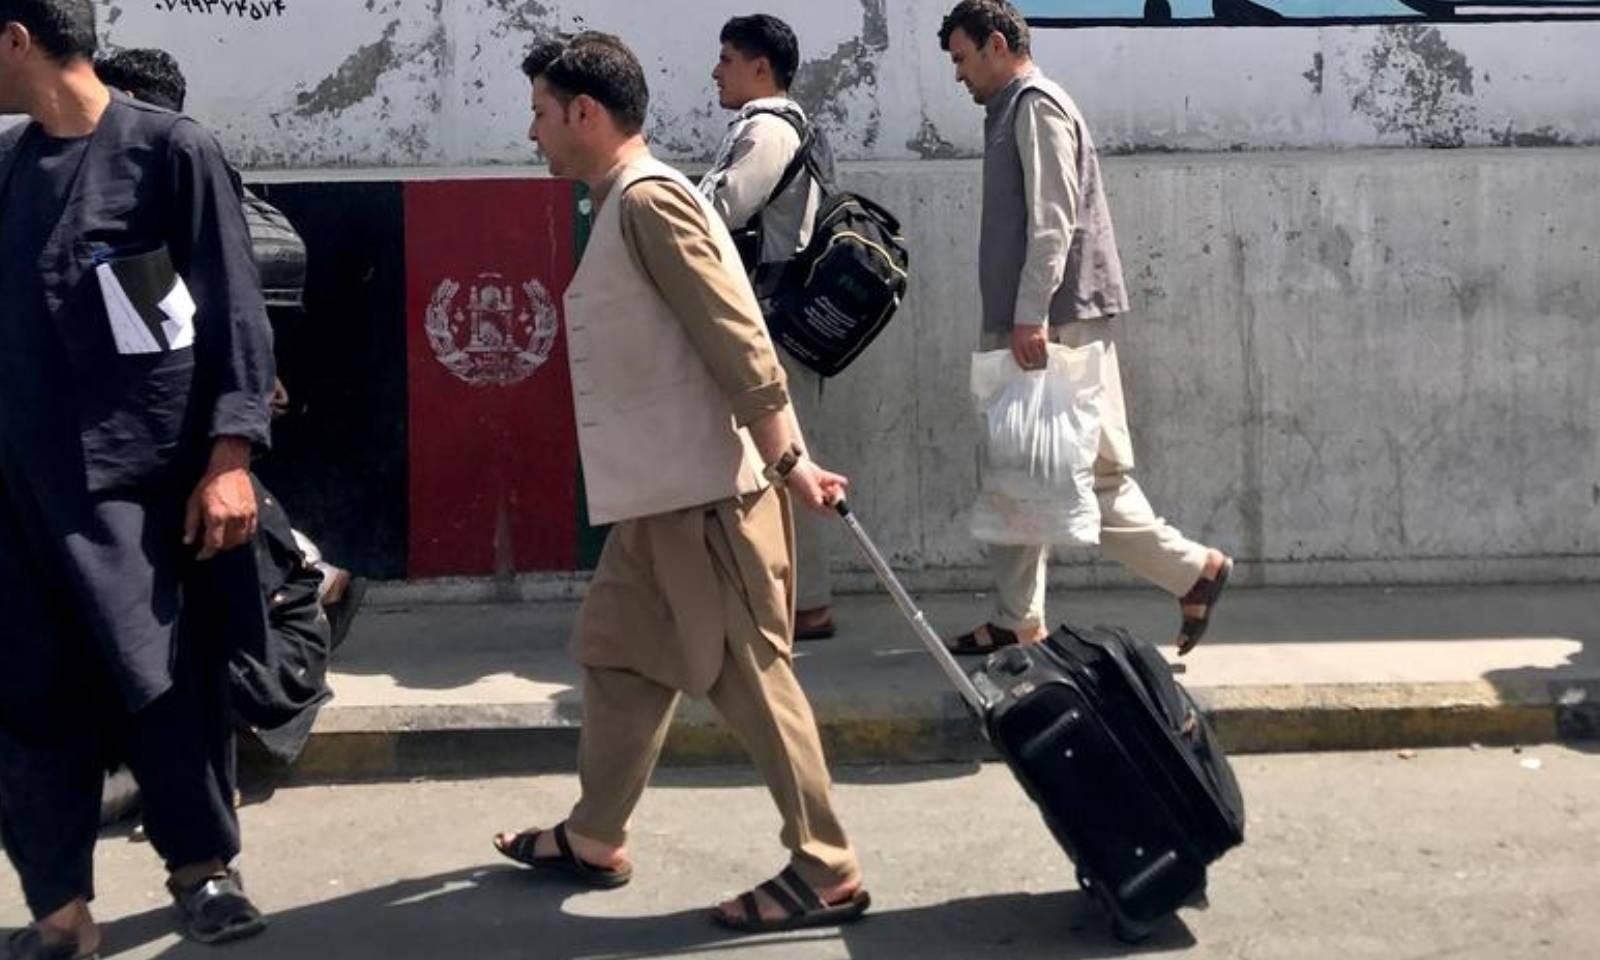 شہریوں کی بڑی  تعداد کابل میں ایئرپورٹ کا رخ کررہی ہے—فوٹو: رائٹرز